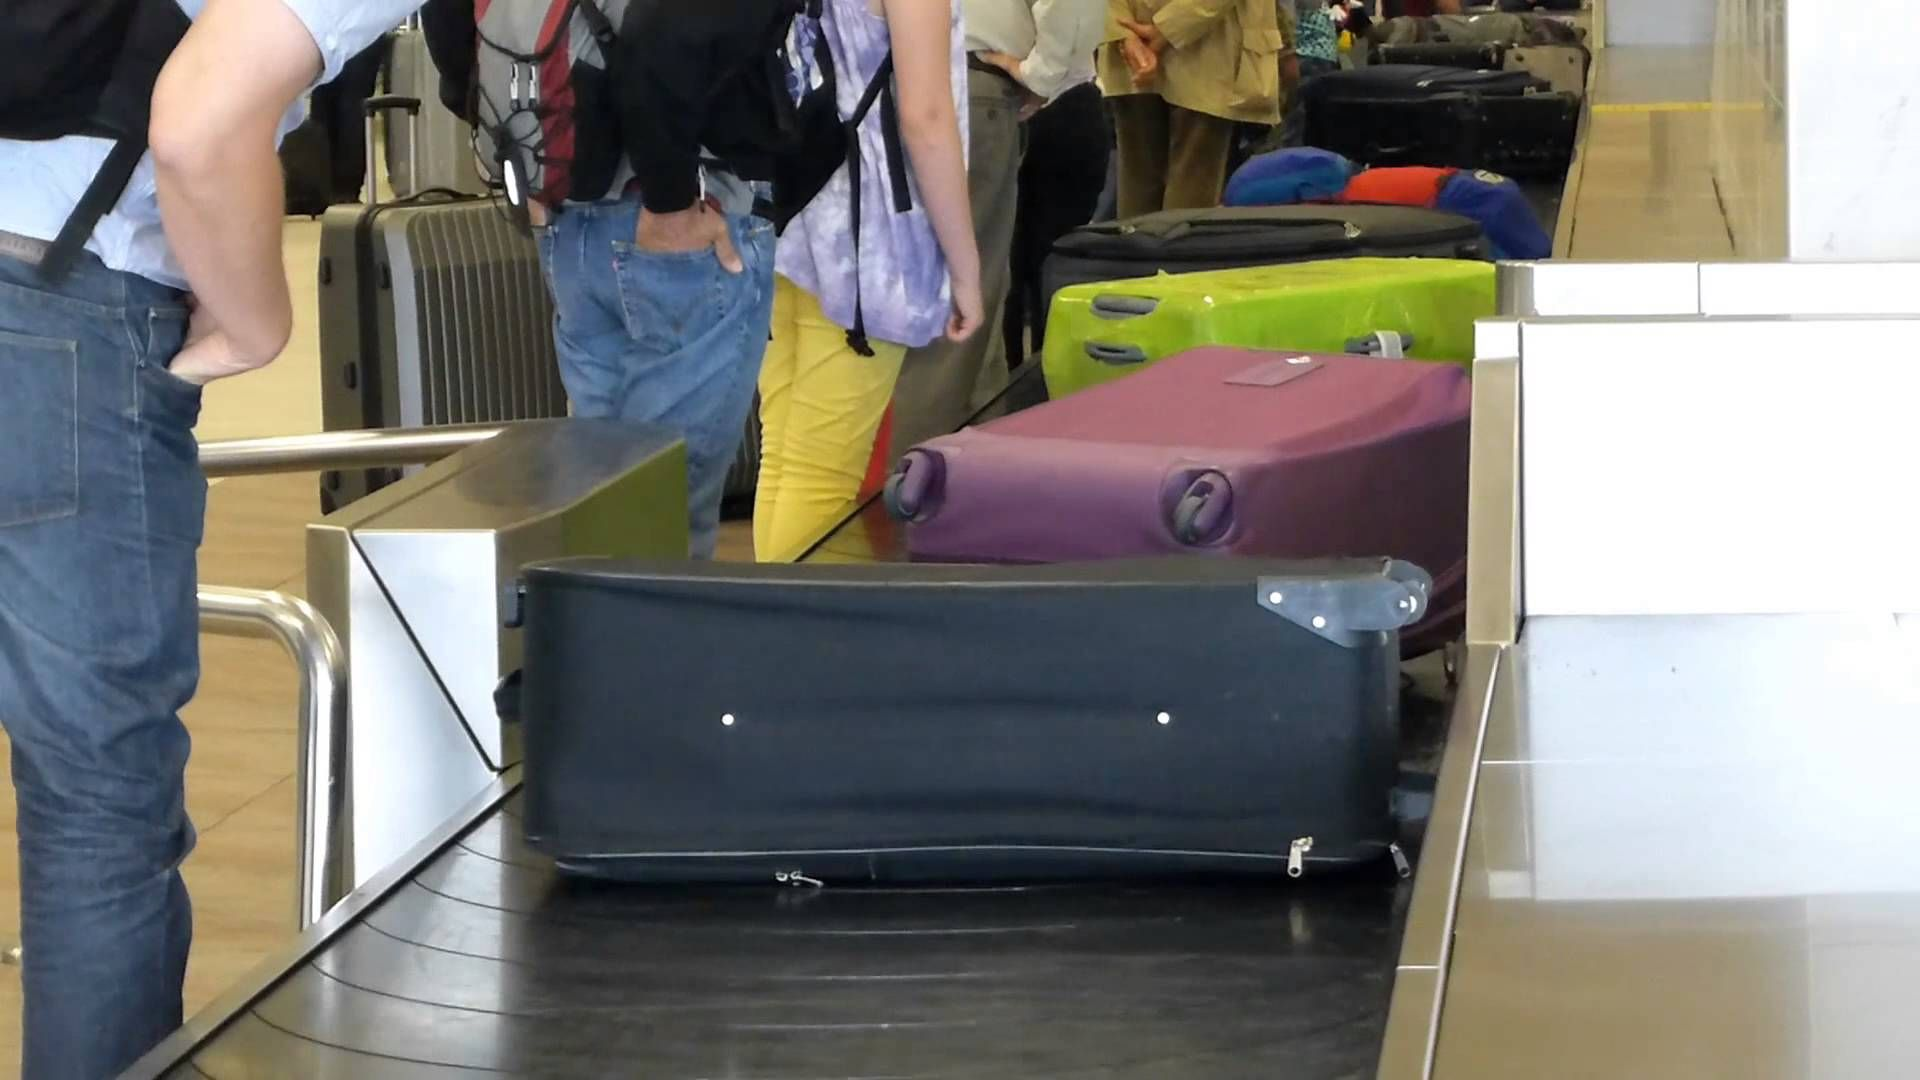 Le perdieron la valija hace diez días y la respuesta es: Puede estar en Sudáfrica, Europa u otra aerolínea